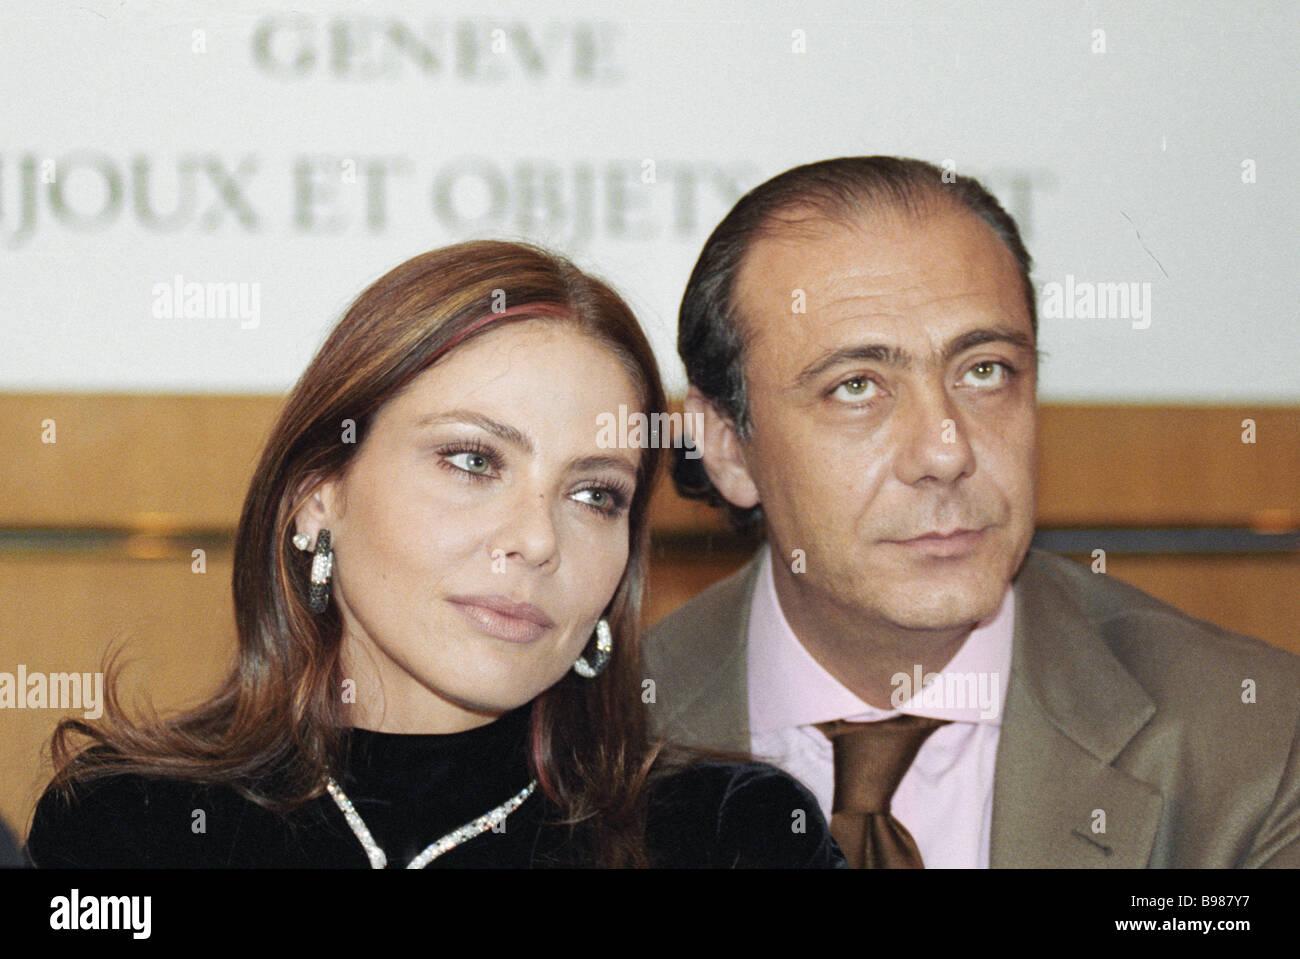 Italian movie star Ornella Muti left and famous jeweler Fawaz Gruosi head of company De Grisogono right attend presentation Stock Photo